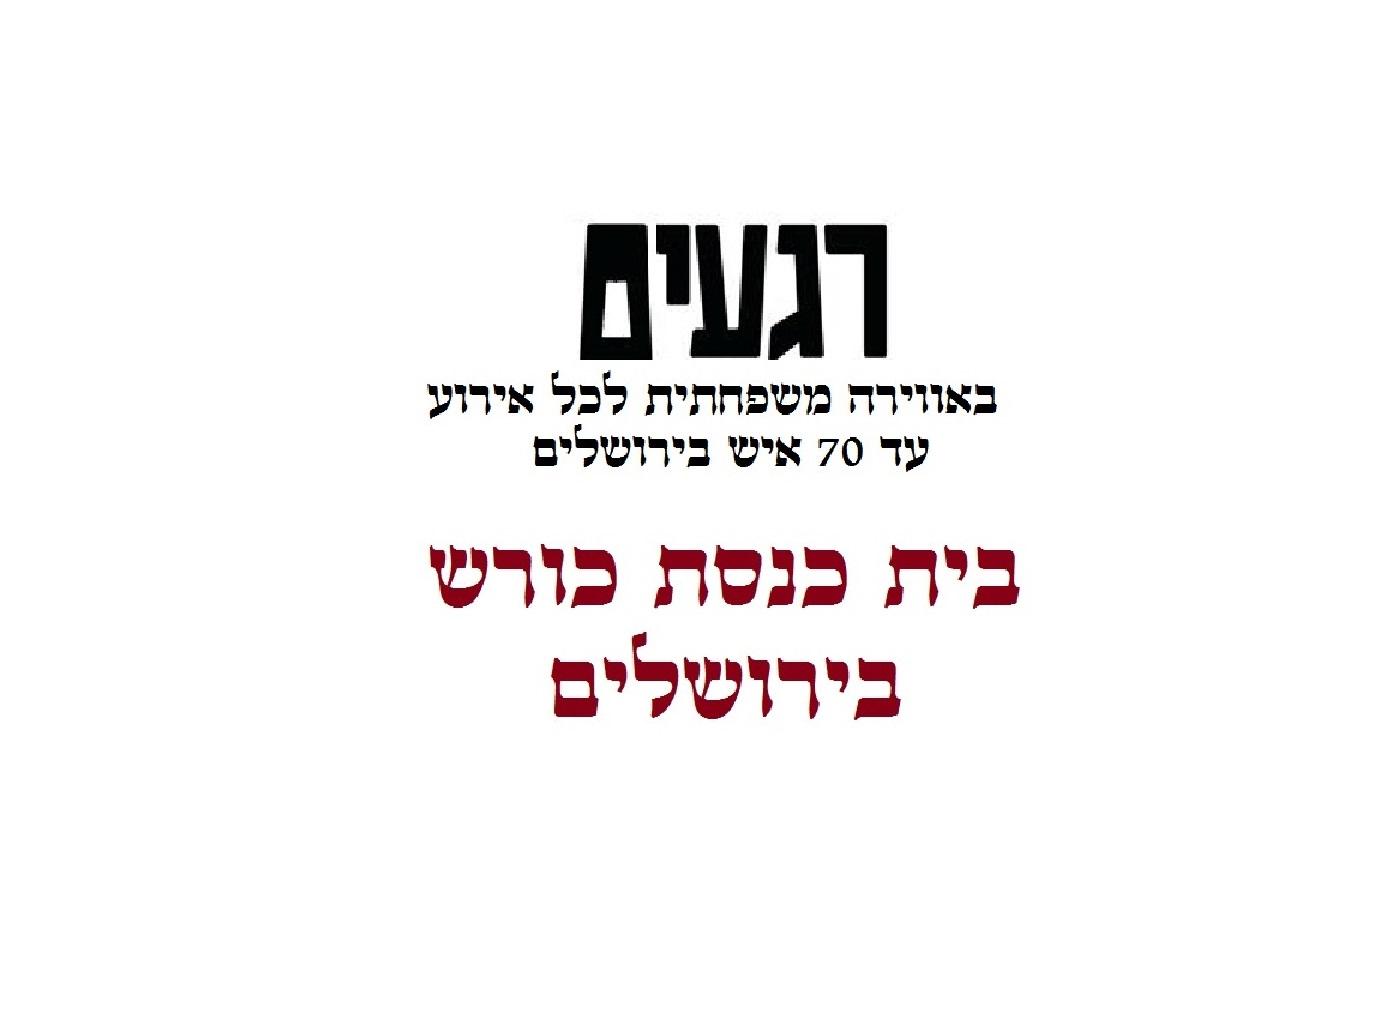 אולם בית כנסת בירושלים